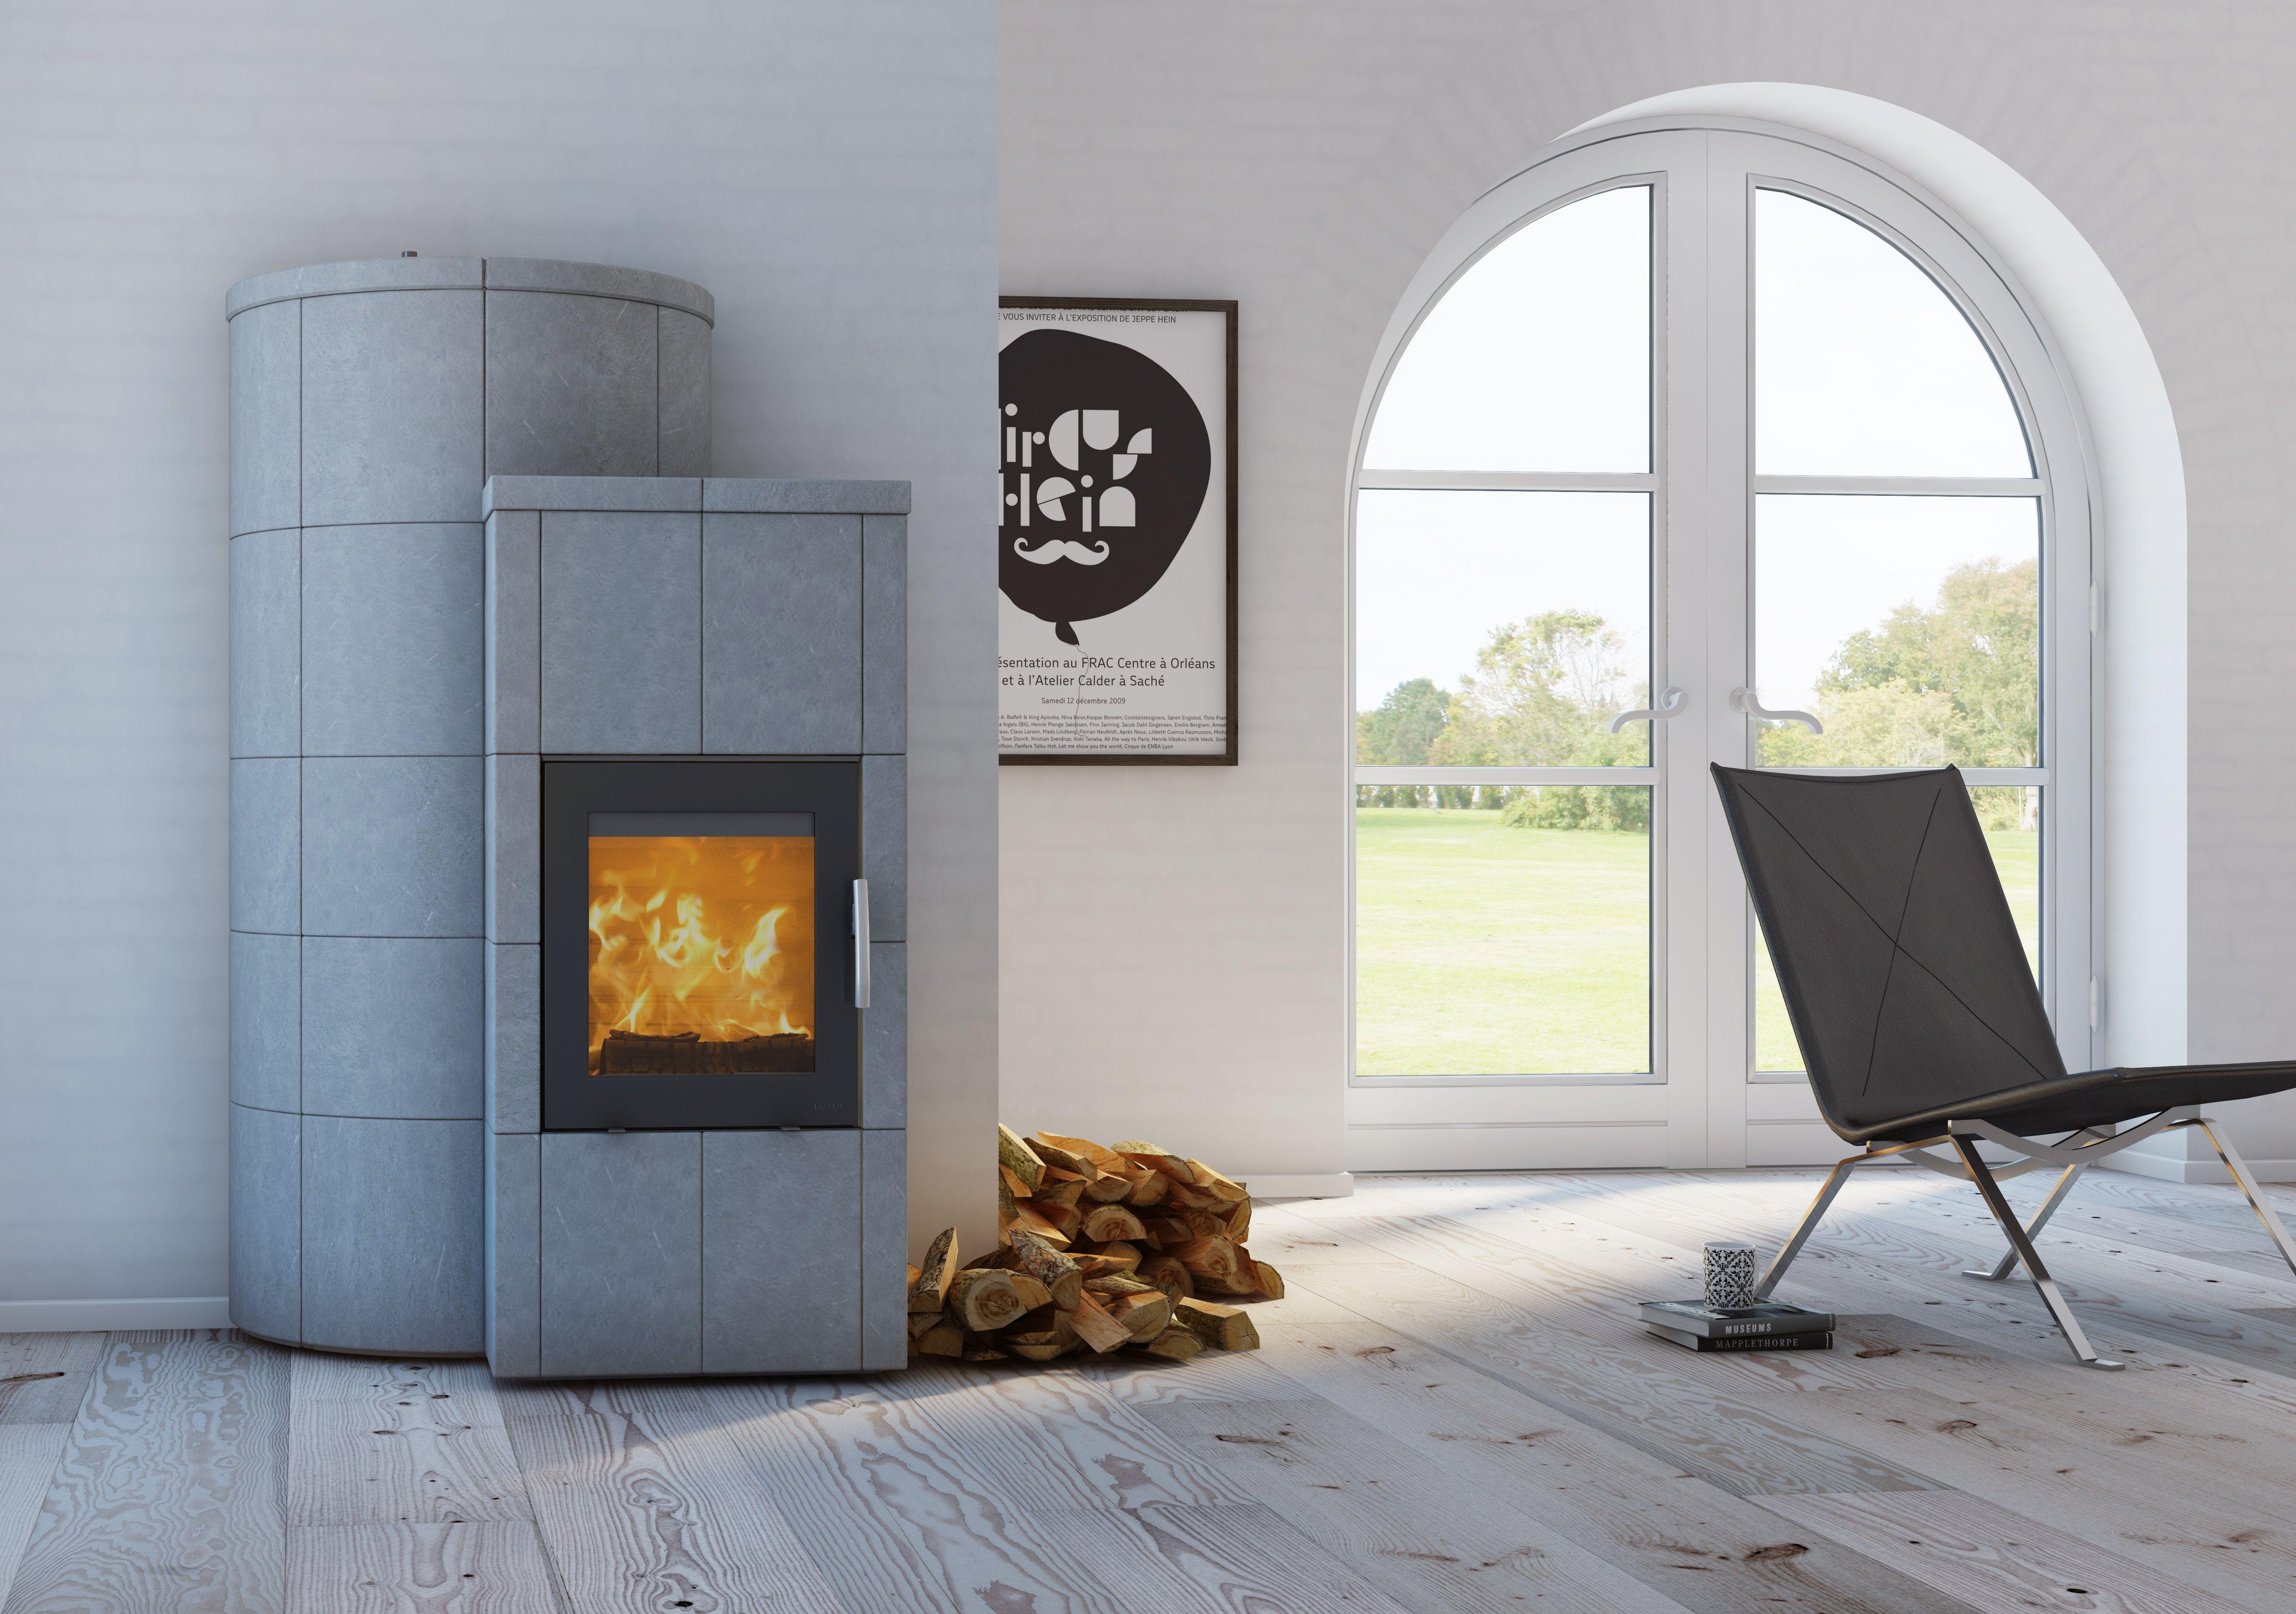 speicherofen rudelmann feuer und design bodmann. Black Bedroom Furniture Sets. Home Design Ideas